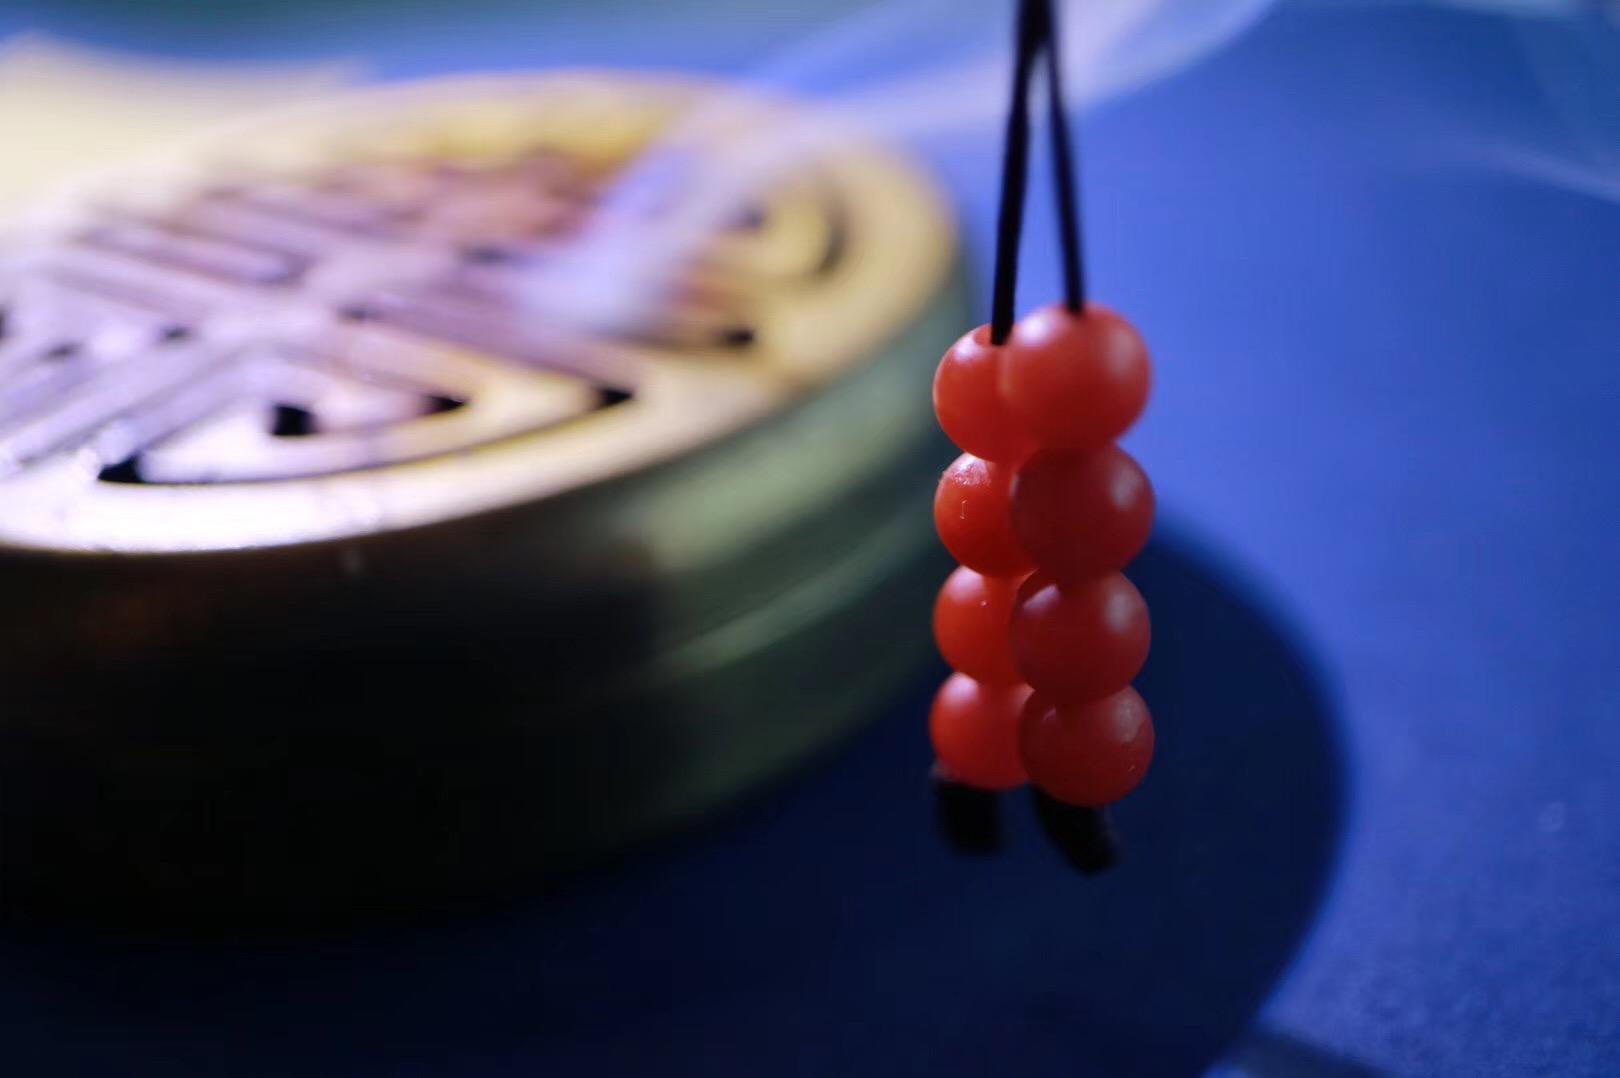 【保山南红 | 佛珠】南红一百零八子,红尘之中温暖相伴-菩心晶舍